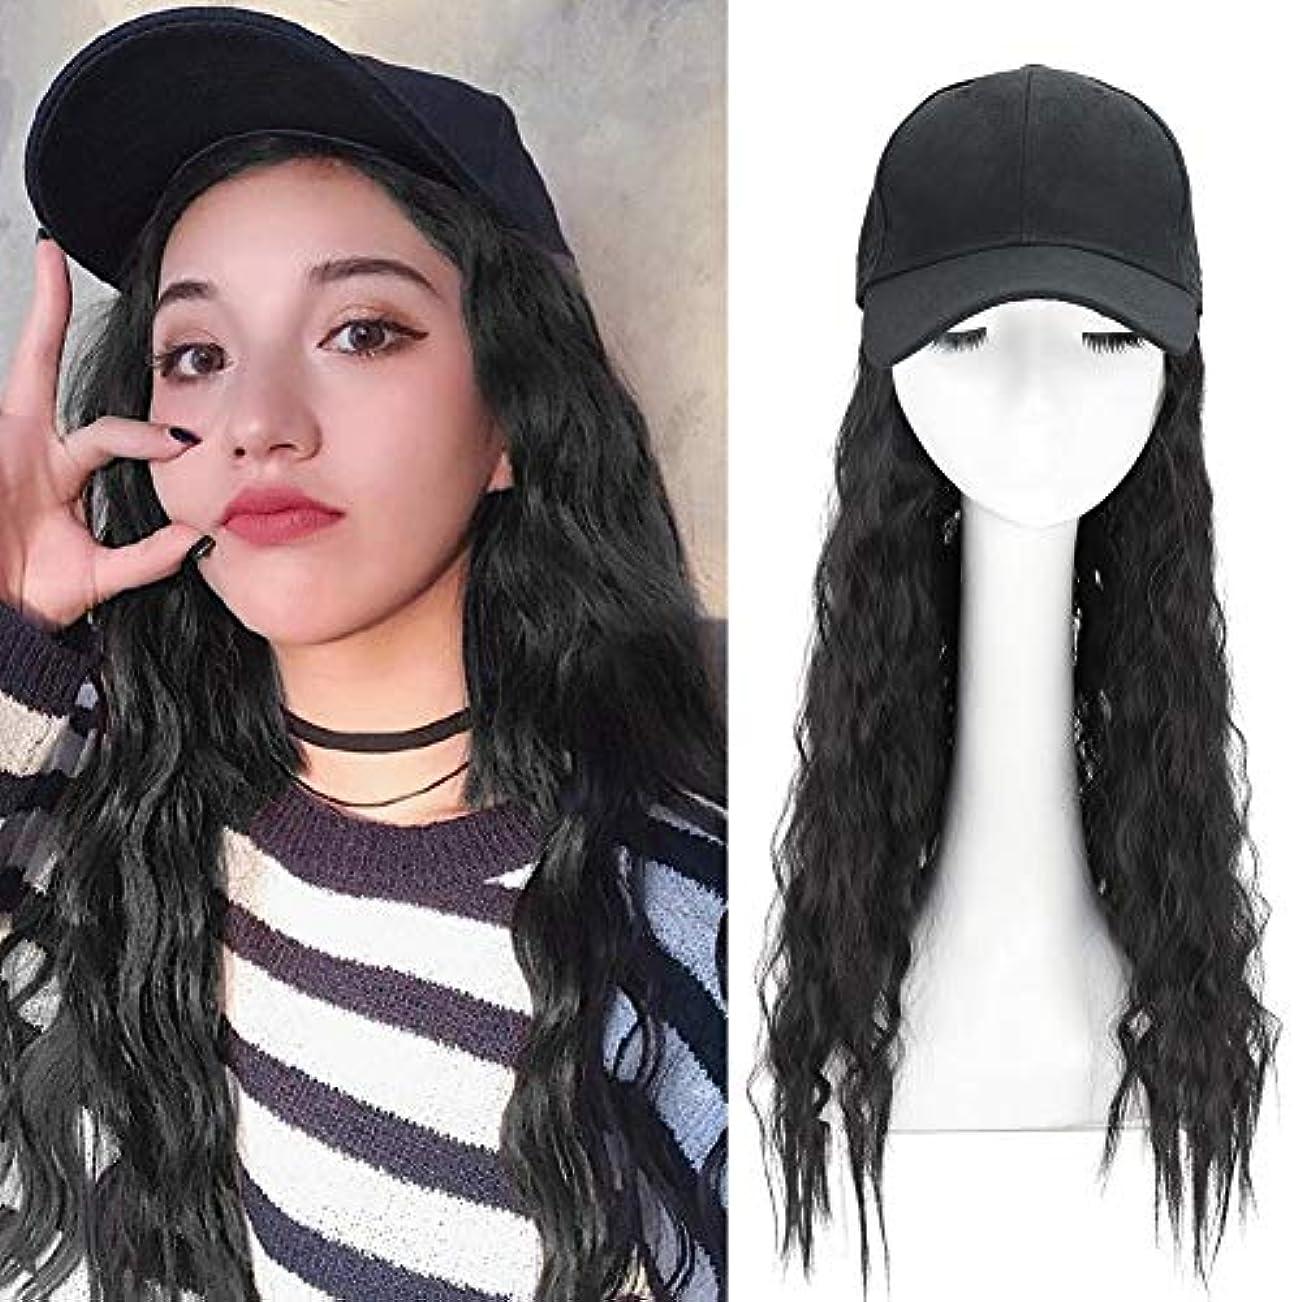 マーケティング遺棄された実施する長い巻き毛を持つ合成長波野球帽合成毛を持つ波状かつらキャップ女の子のための髪を持つ調整可能な野球帽帽子